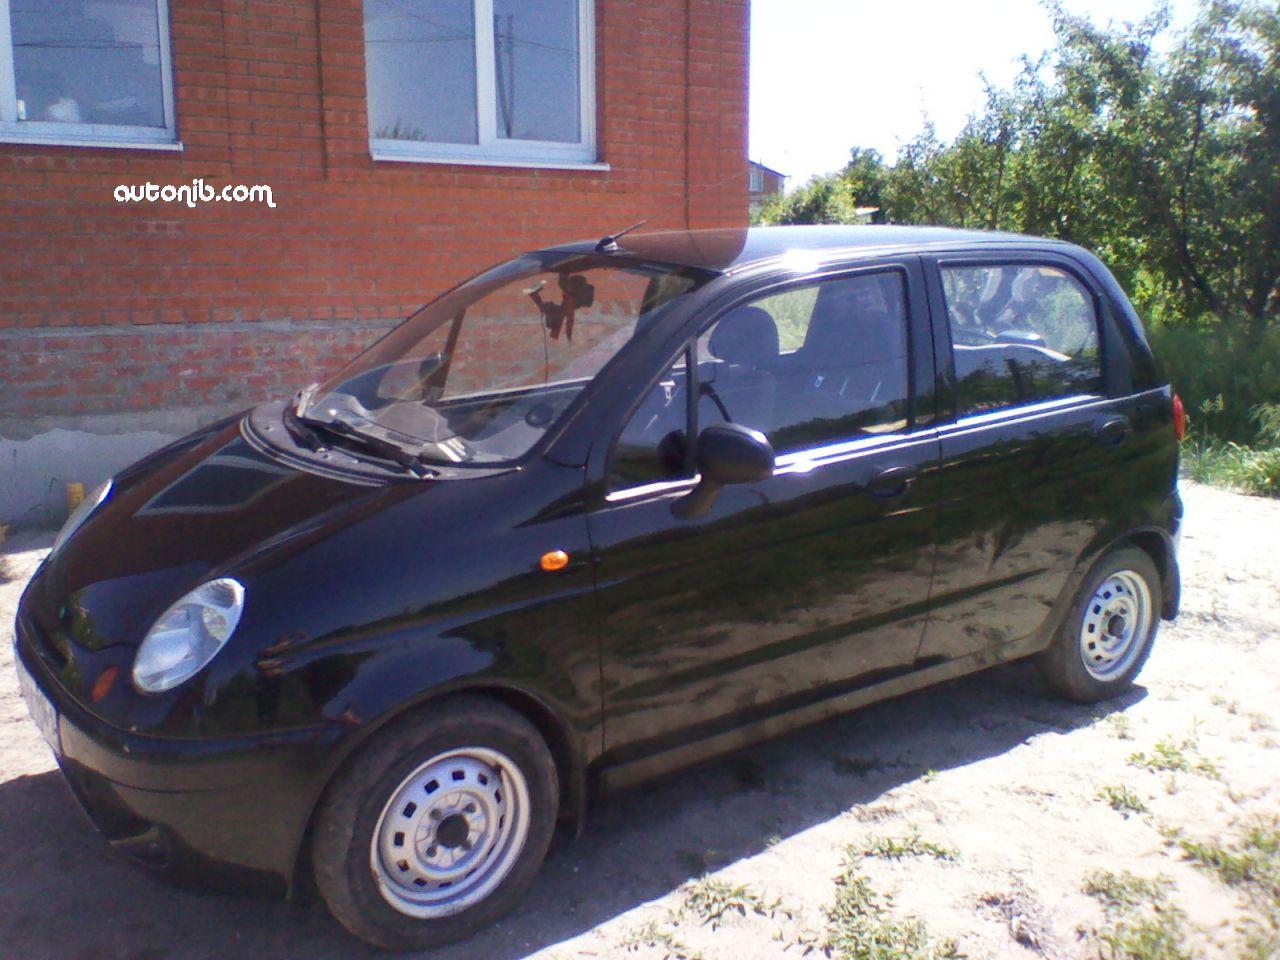 Купить Daewoo Matiz 2012 года в городе Ростов-на-Дону